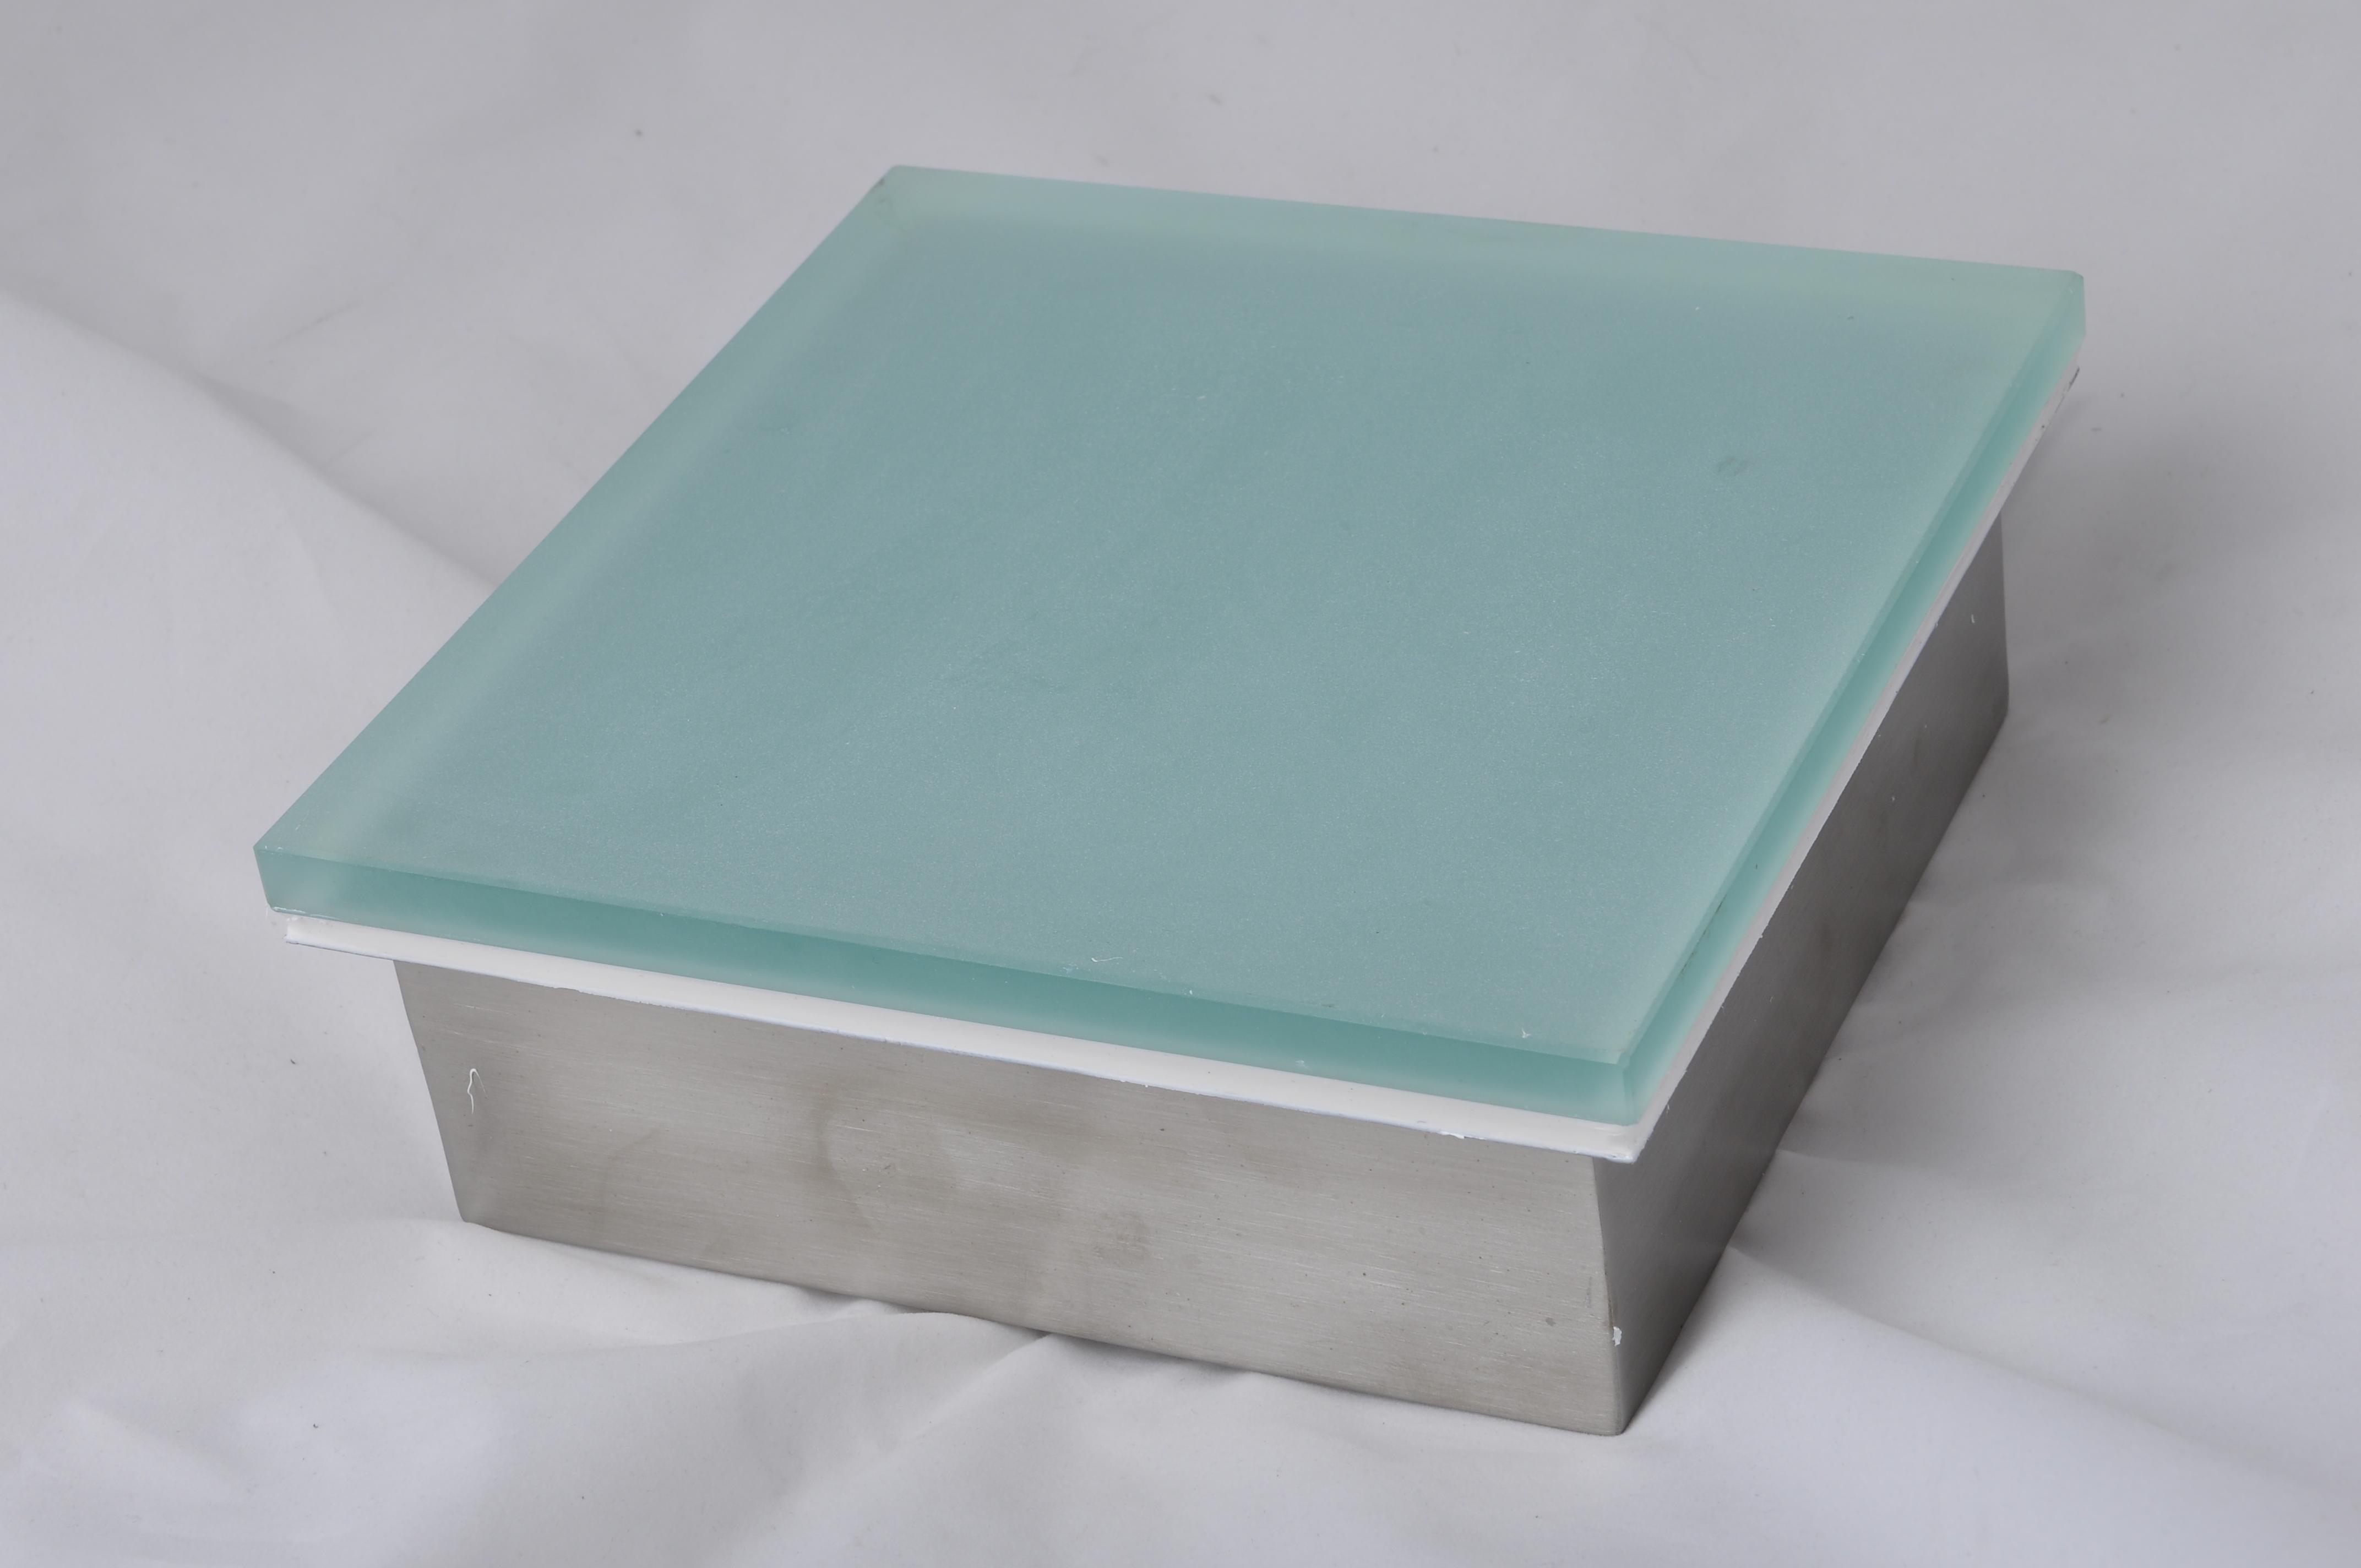 led tile light